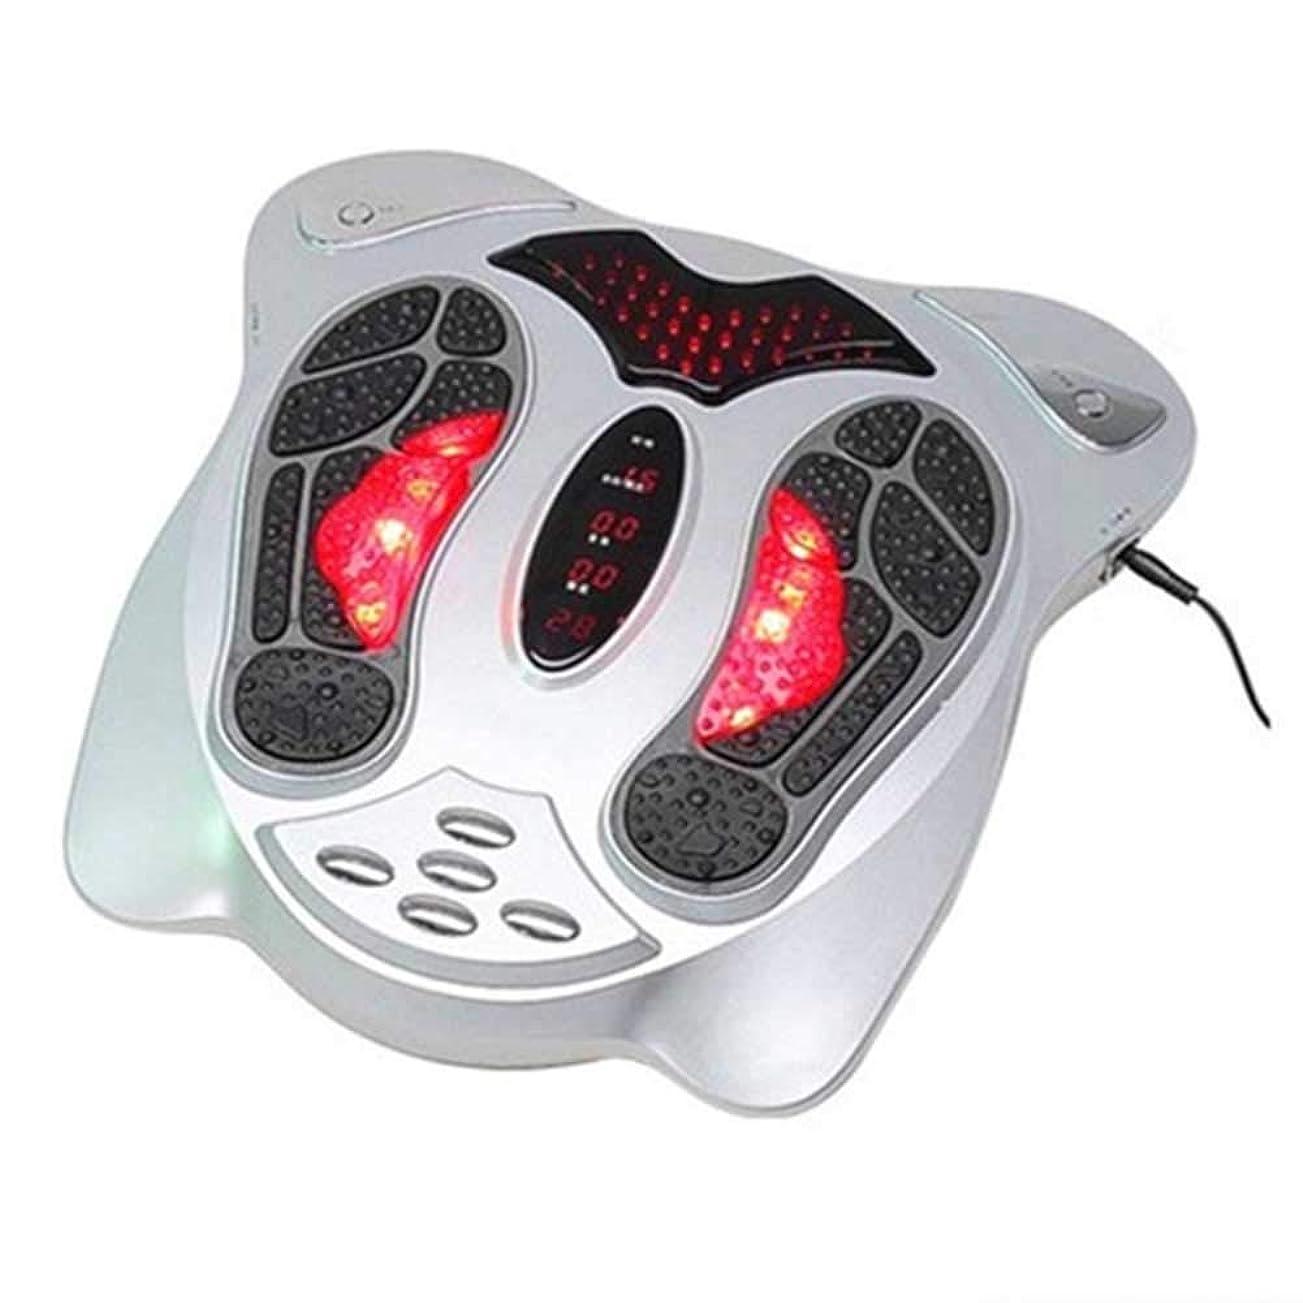 習字鉄ハンサム足のマッサージャーの電気足の低頻度の脈拍の針療法のマッサージャーの低頻度の健康療法の器械, Silver